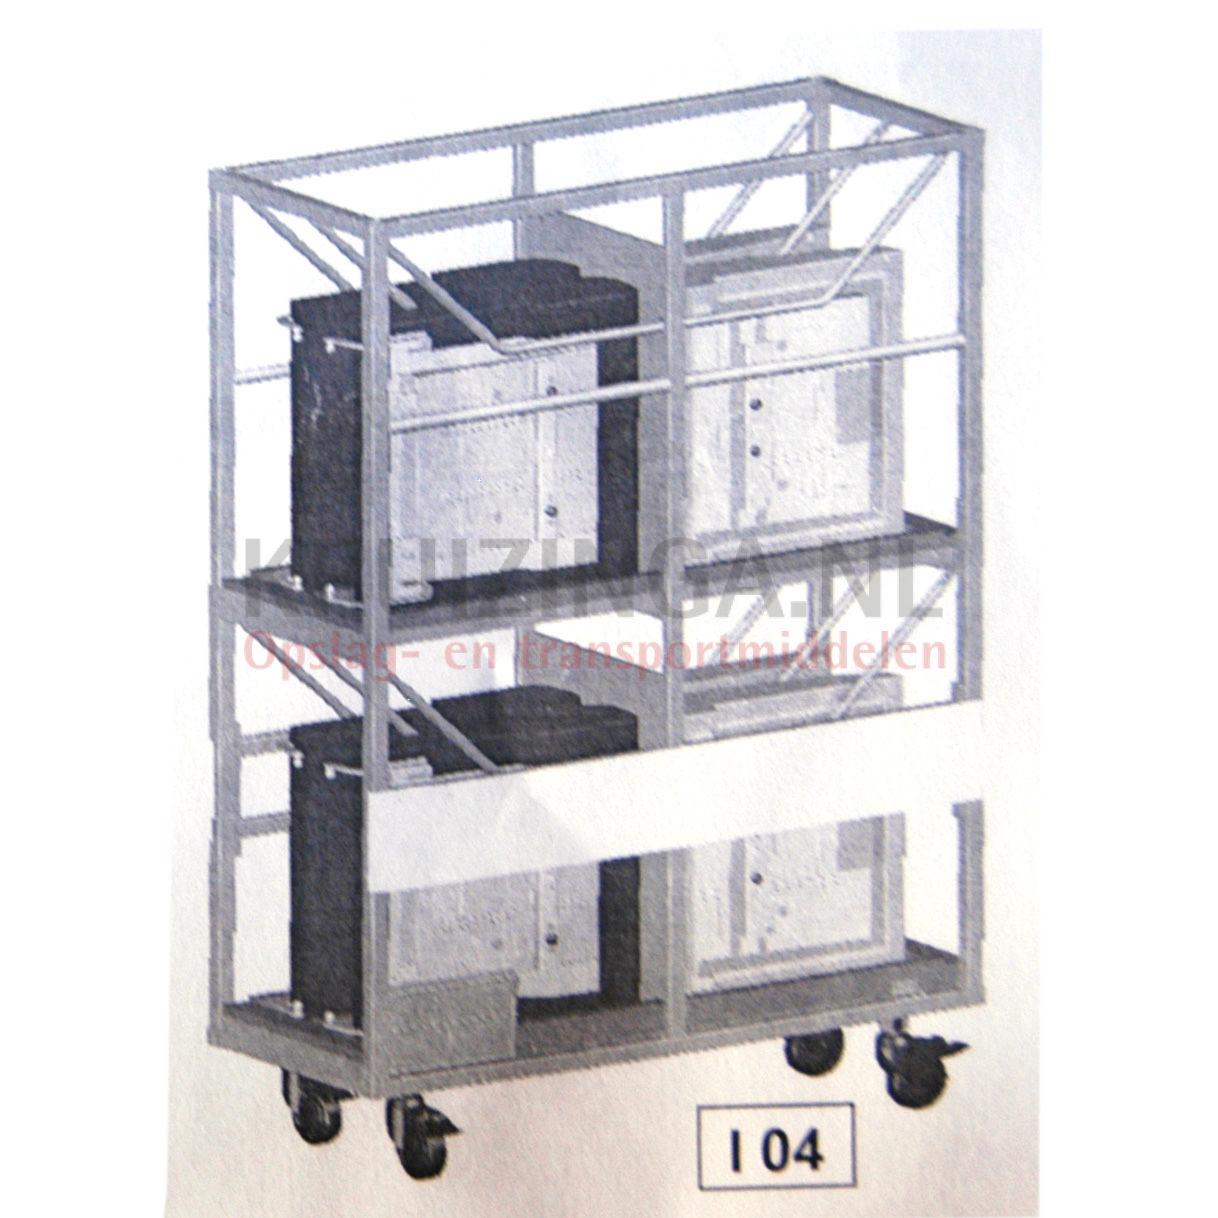 Roll conteneur sur mesure construction compact occasion for Conteneur construction